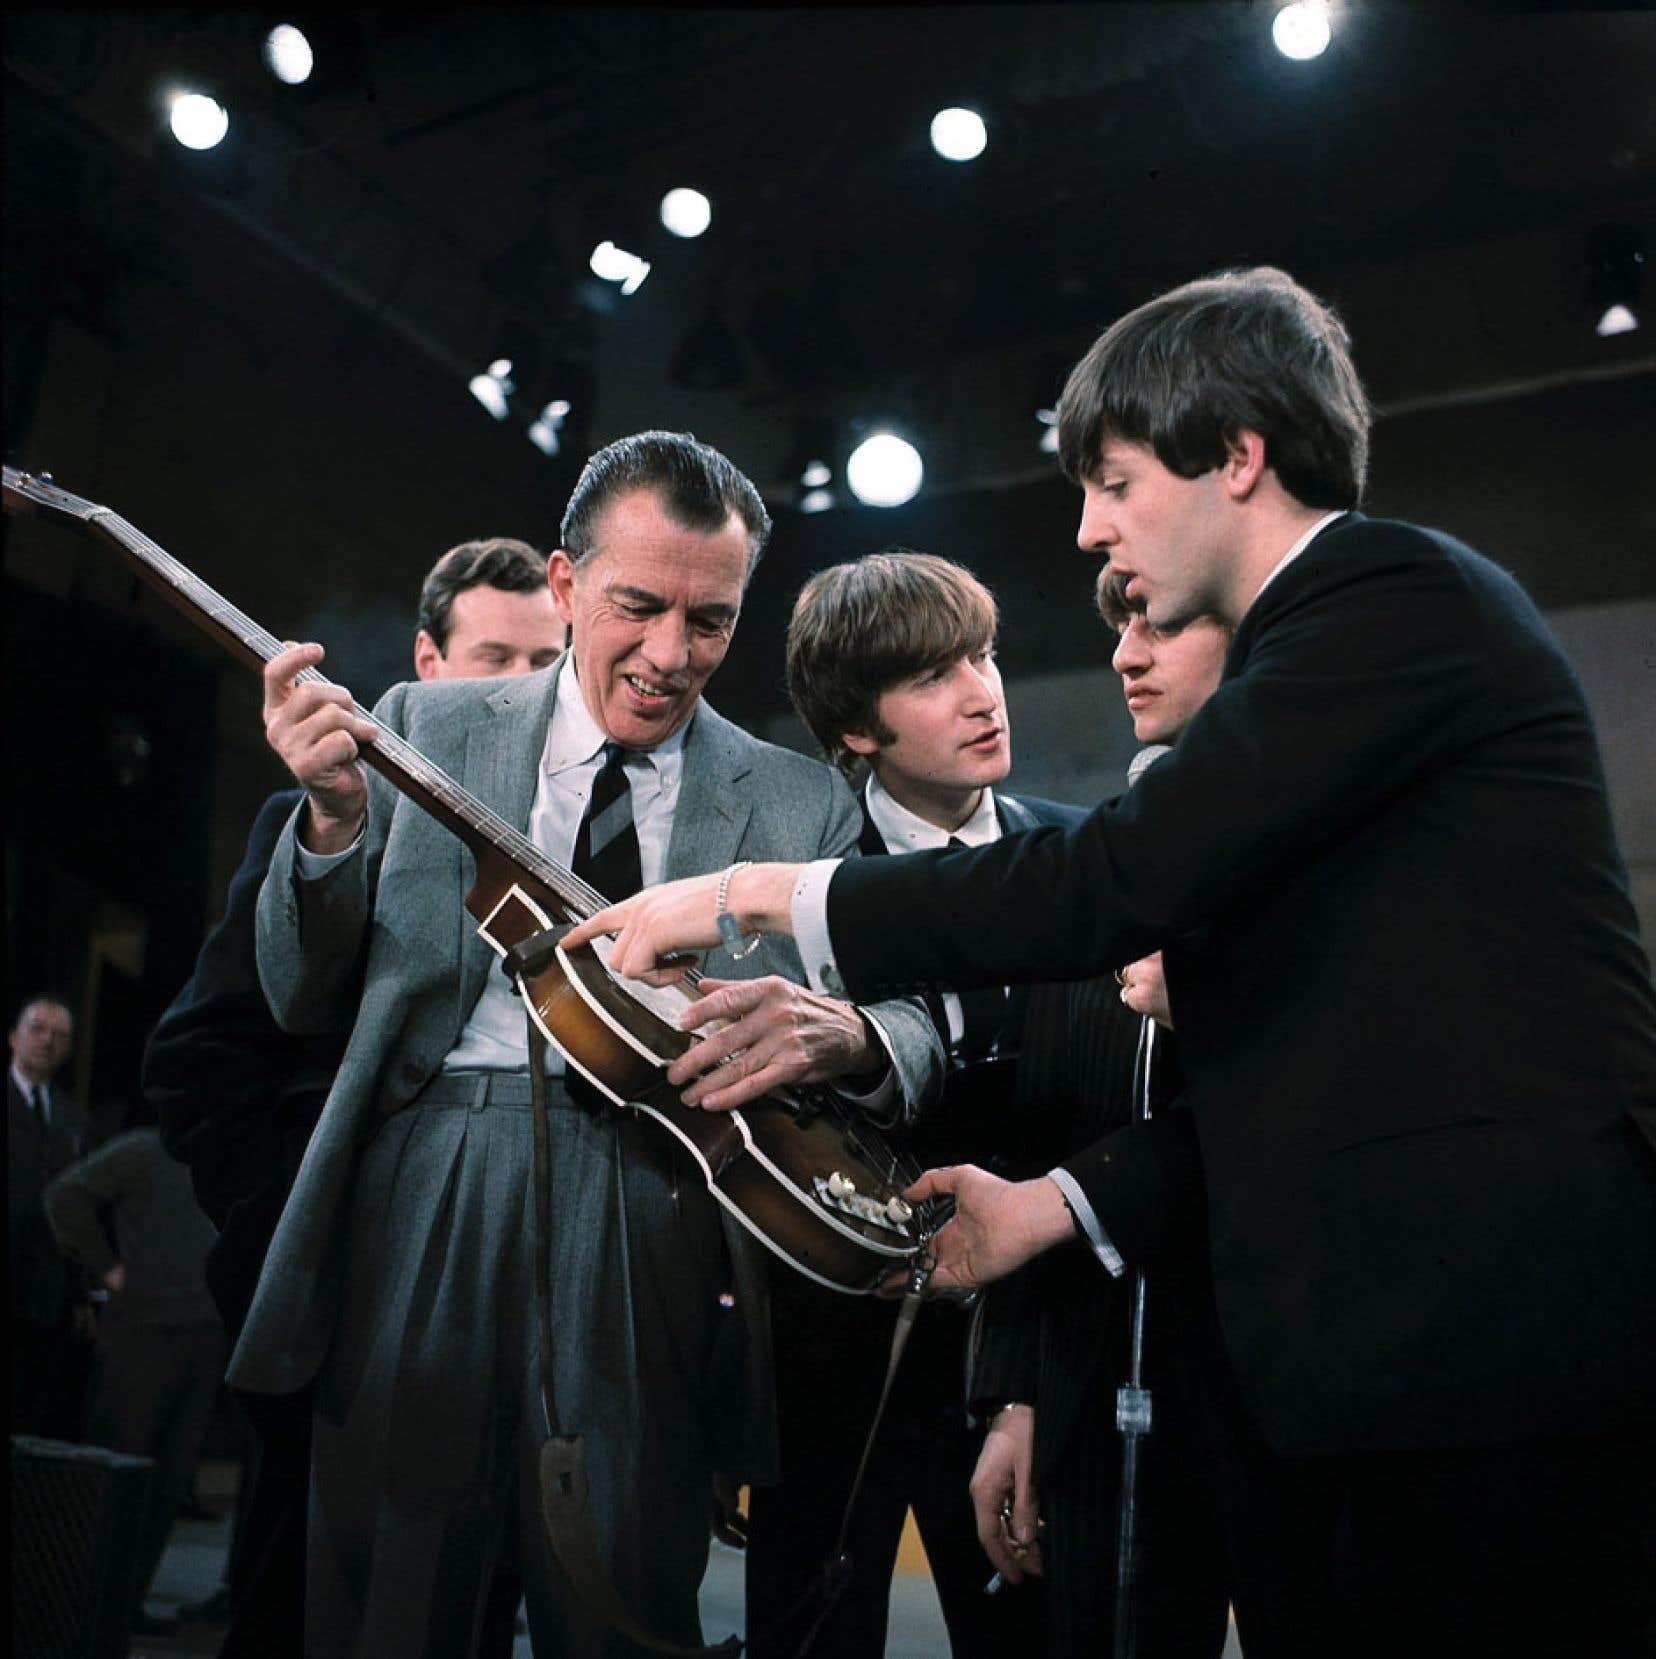 Ed Sullivan, en compagnie de John Lennon, Ringo Starr et Paul McCartney après leur prestation.